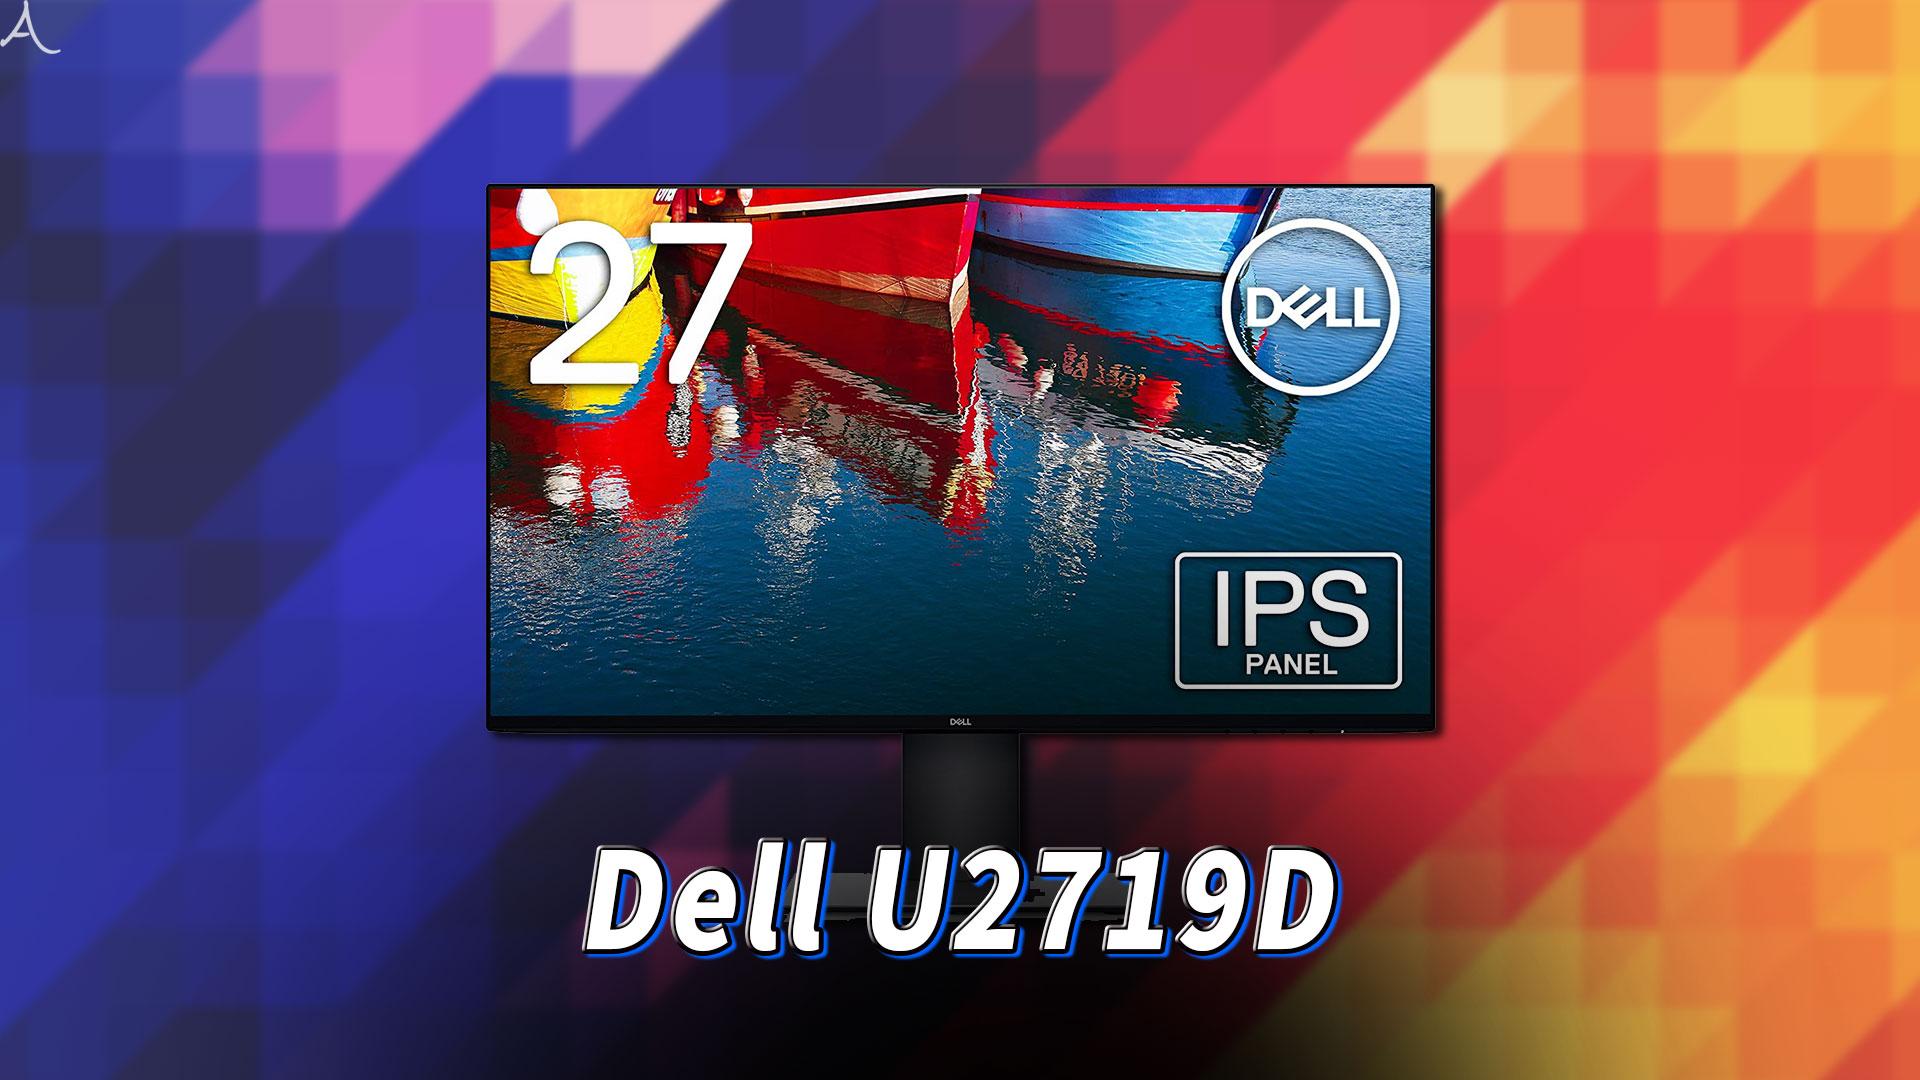 「Dell U2719D」ってモニターアーム使える?VESAサイズやおすすめアームはどれ?